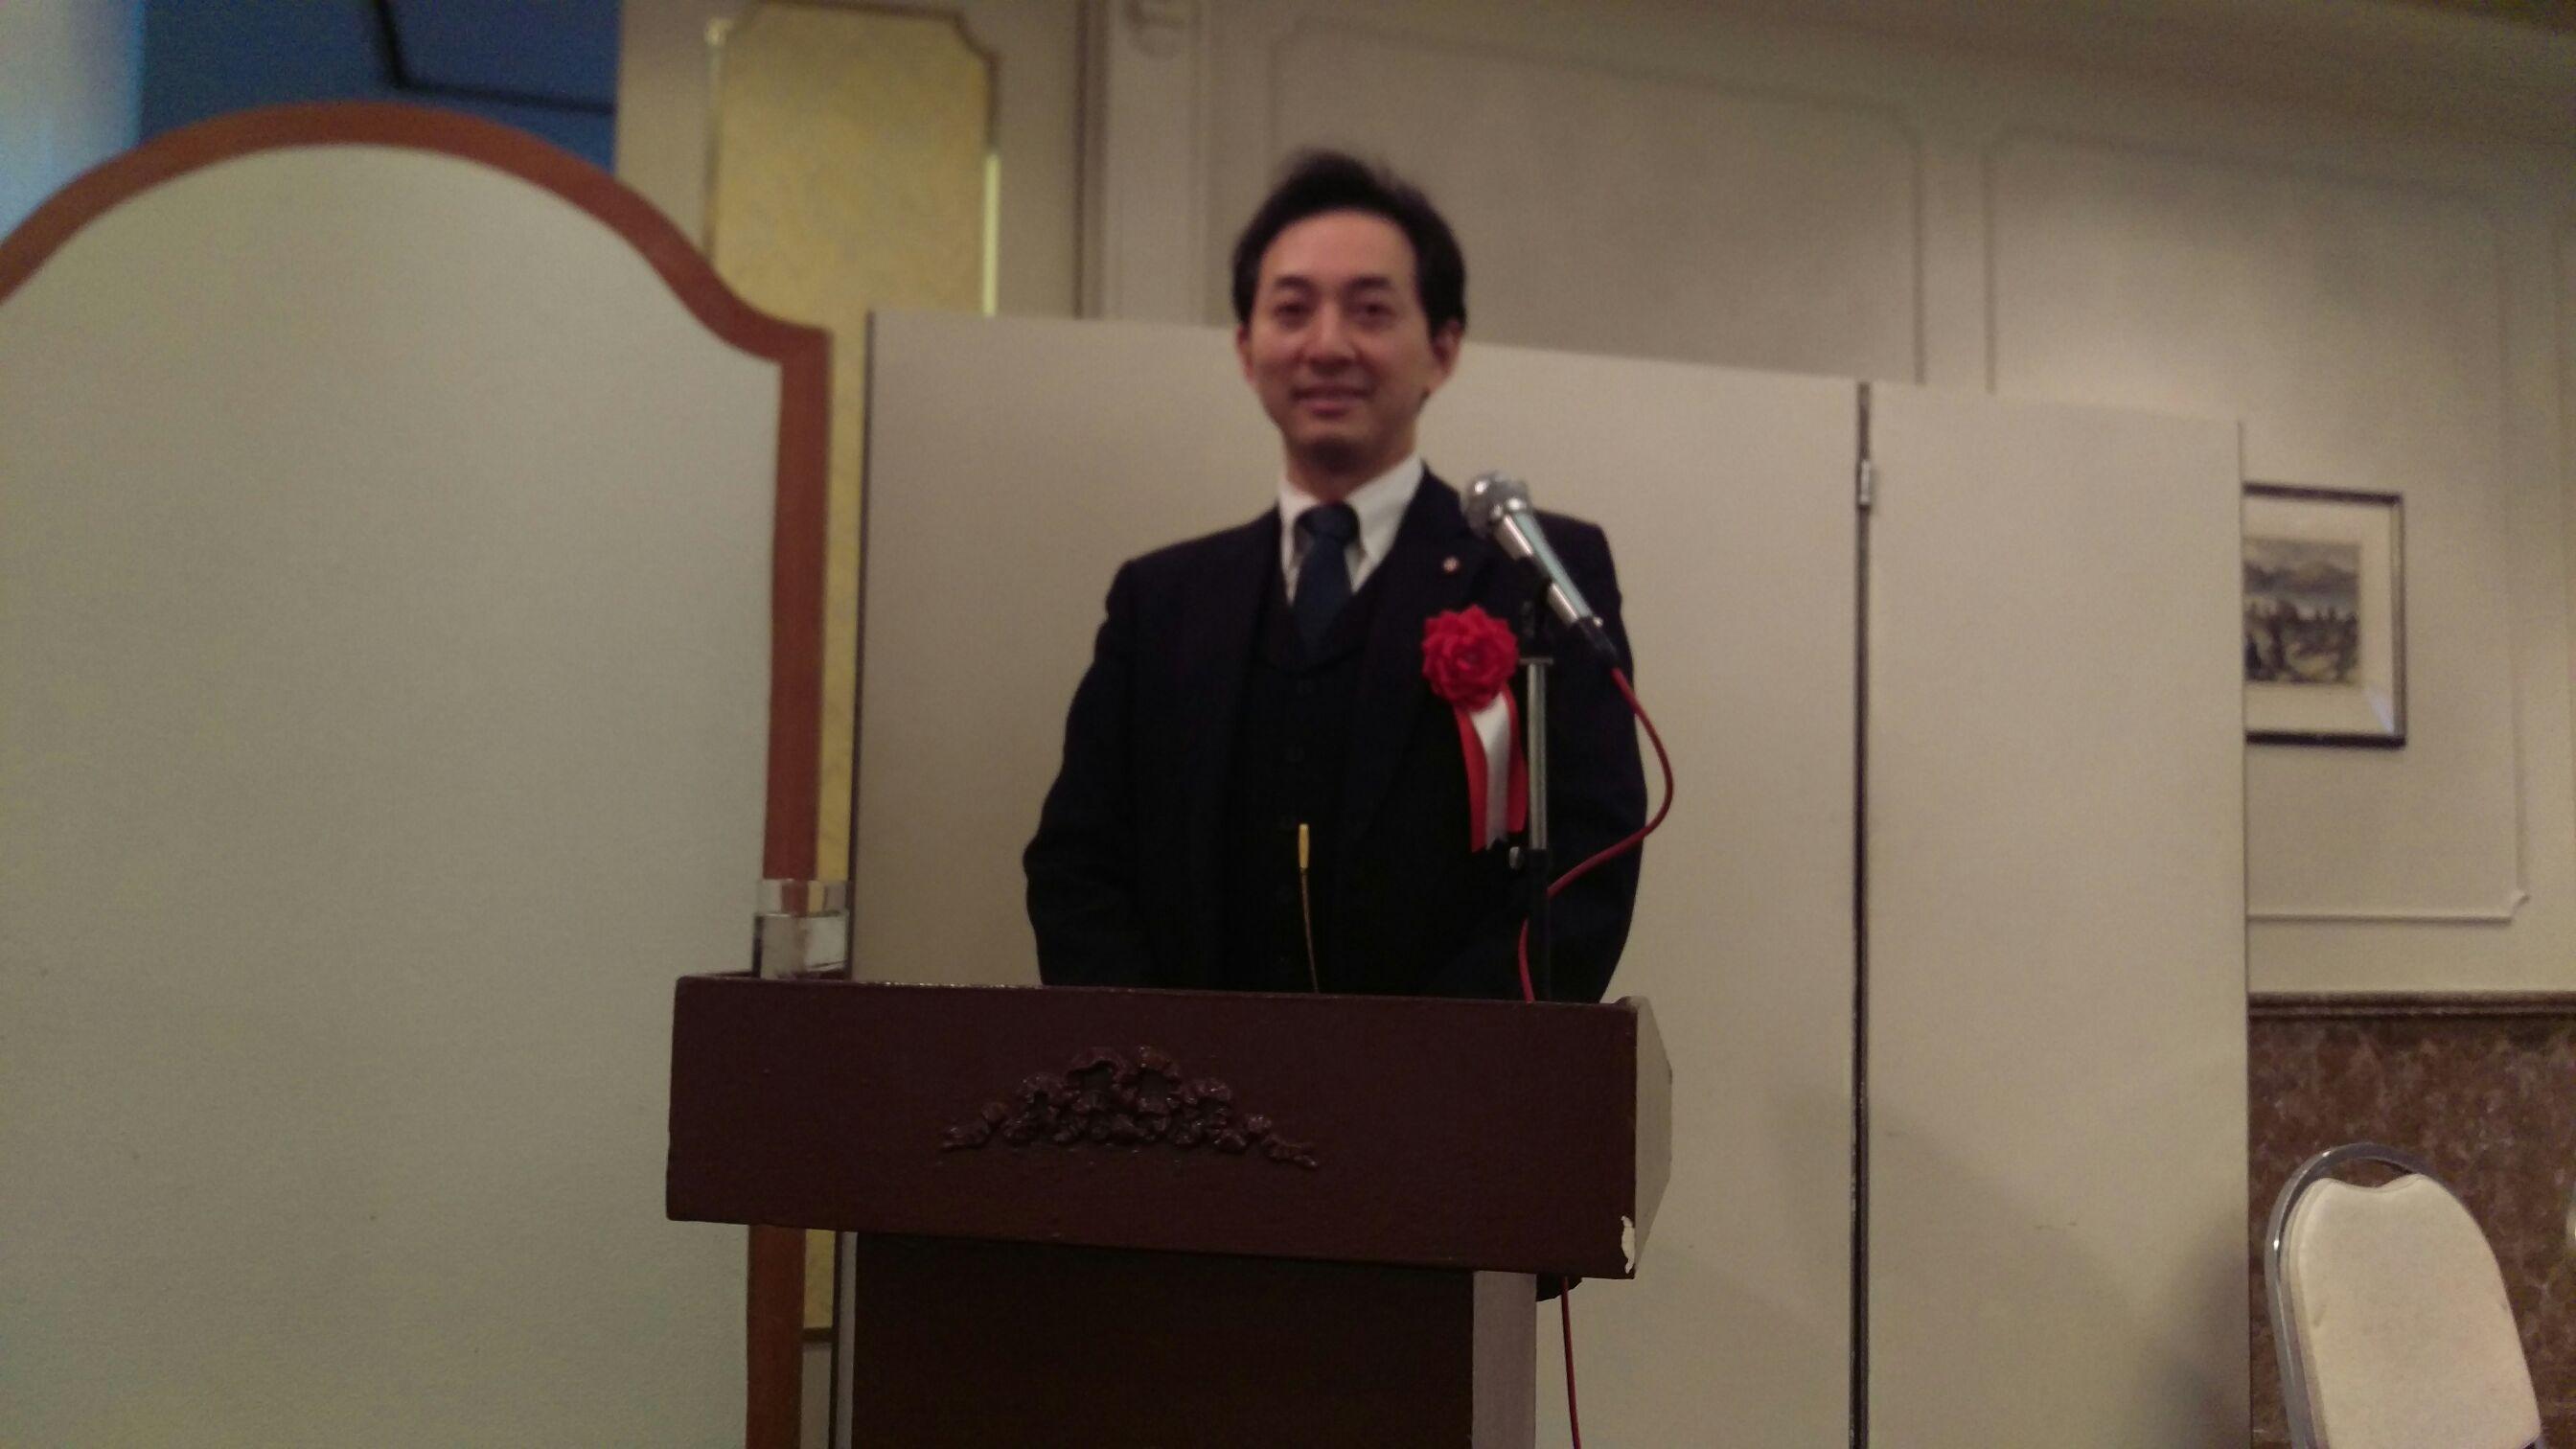 議長就任・活動報告会で司会を務めました